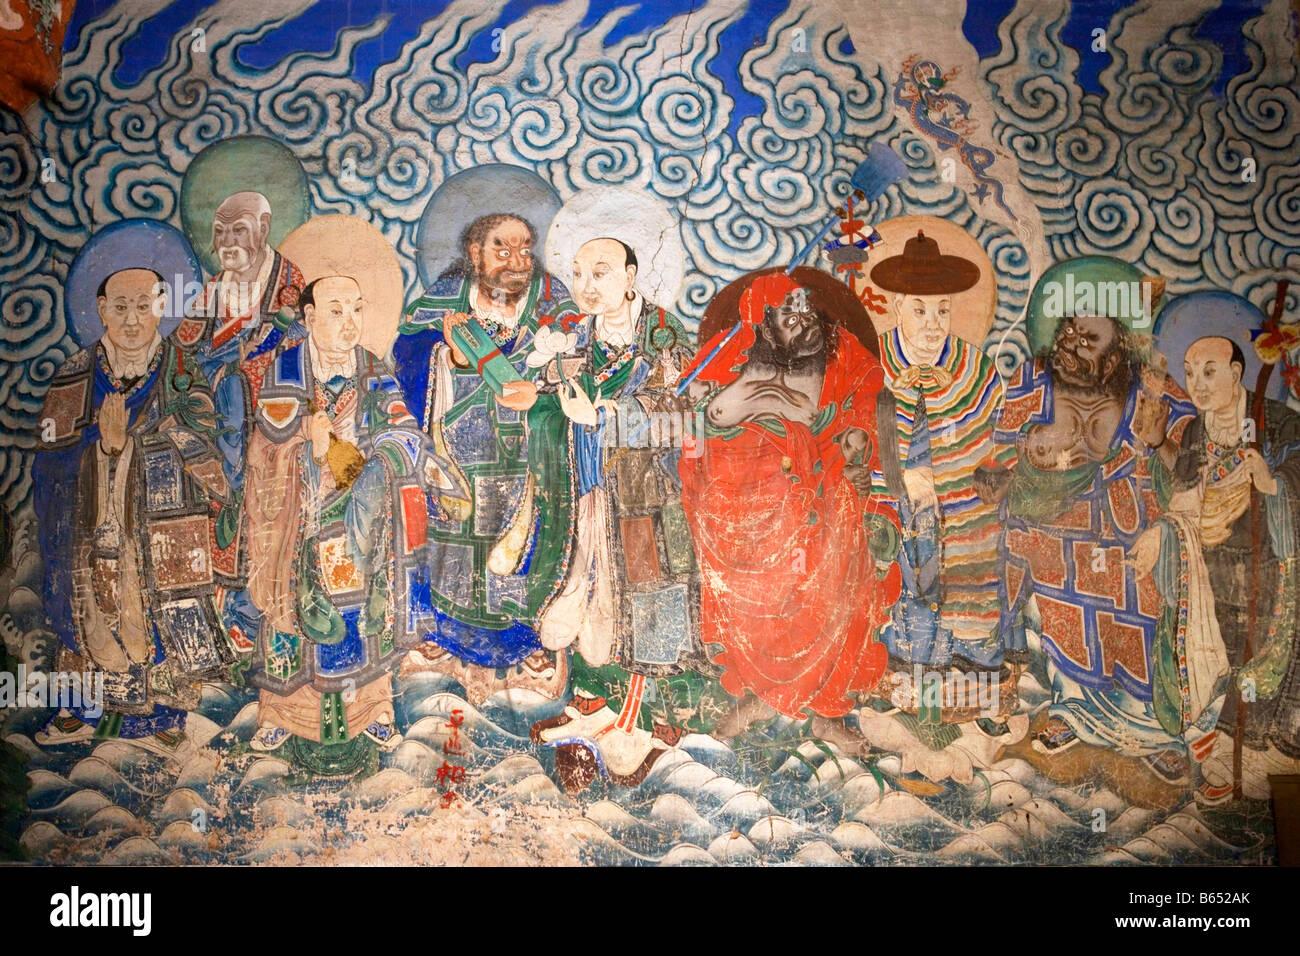 Wall painting of Arhats, Yungang Grottoes, Shanxi Province, China - Stock Image